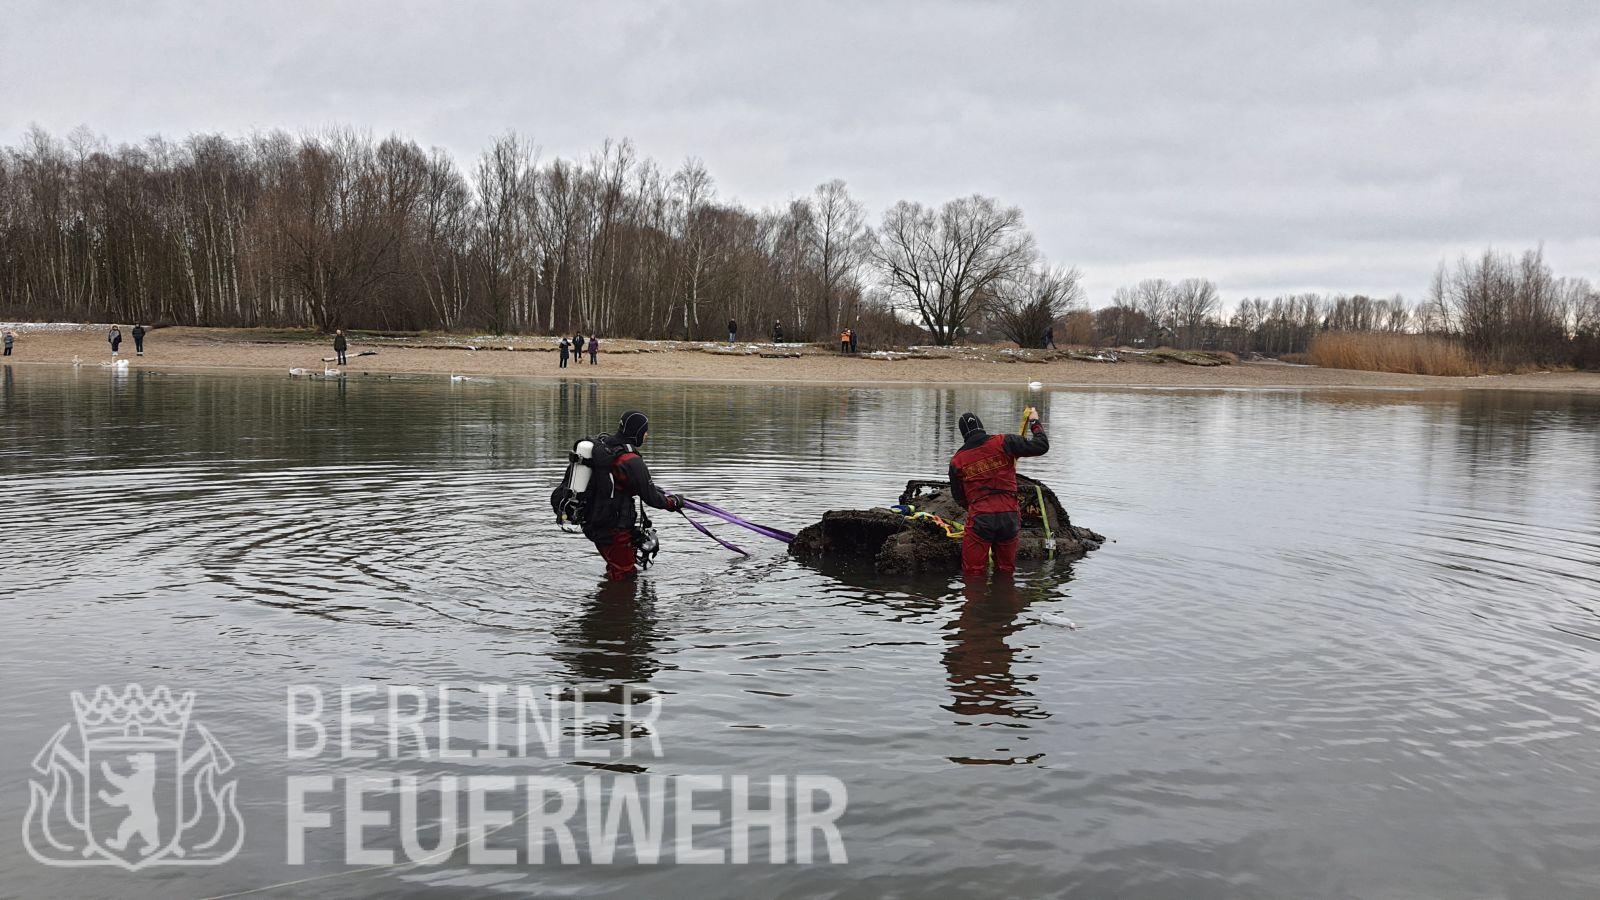 В Германии обнаружили горбатый Запорожец в очень необычном месте